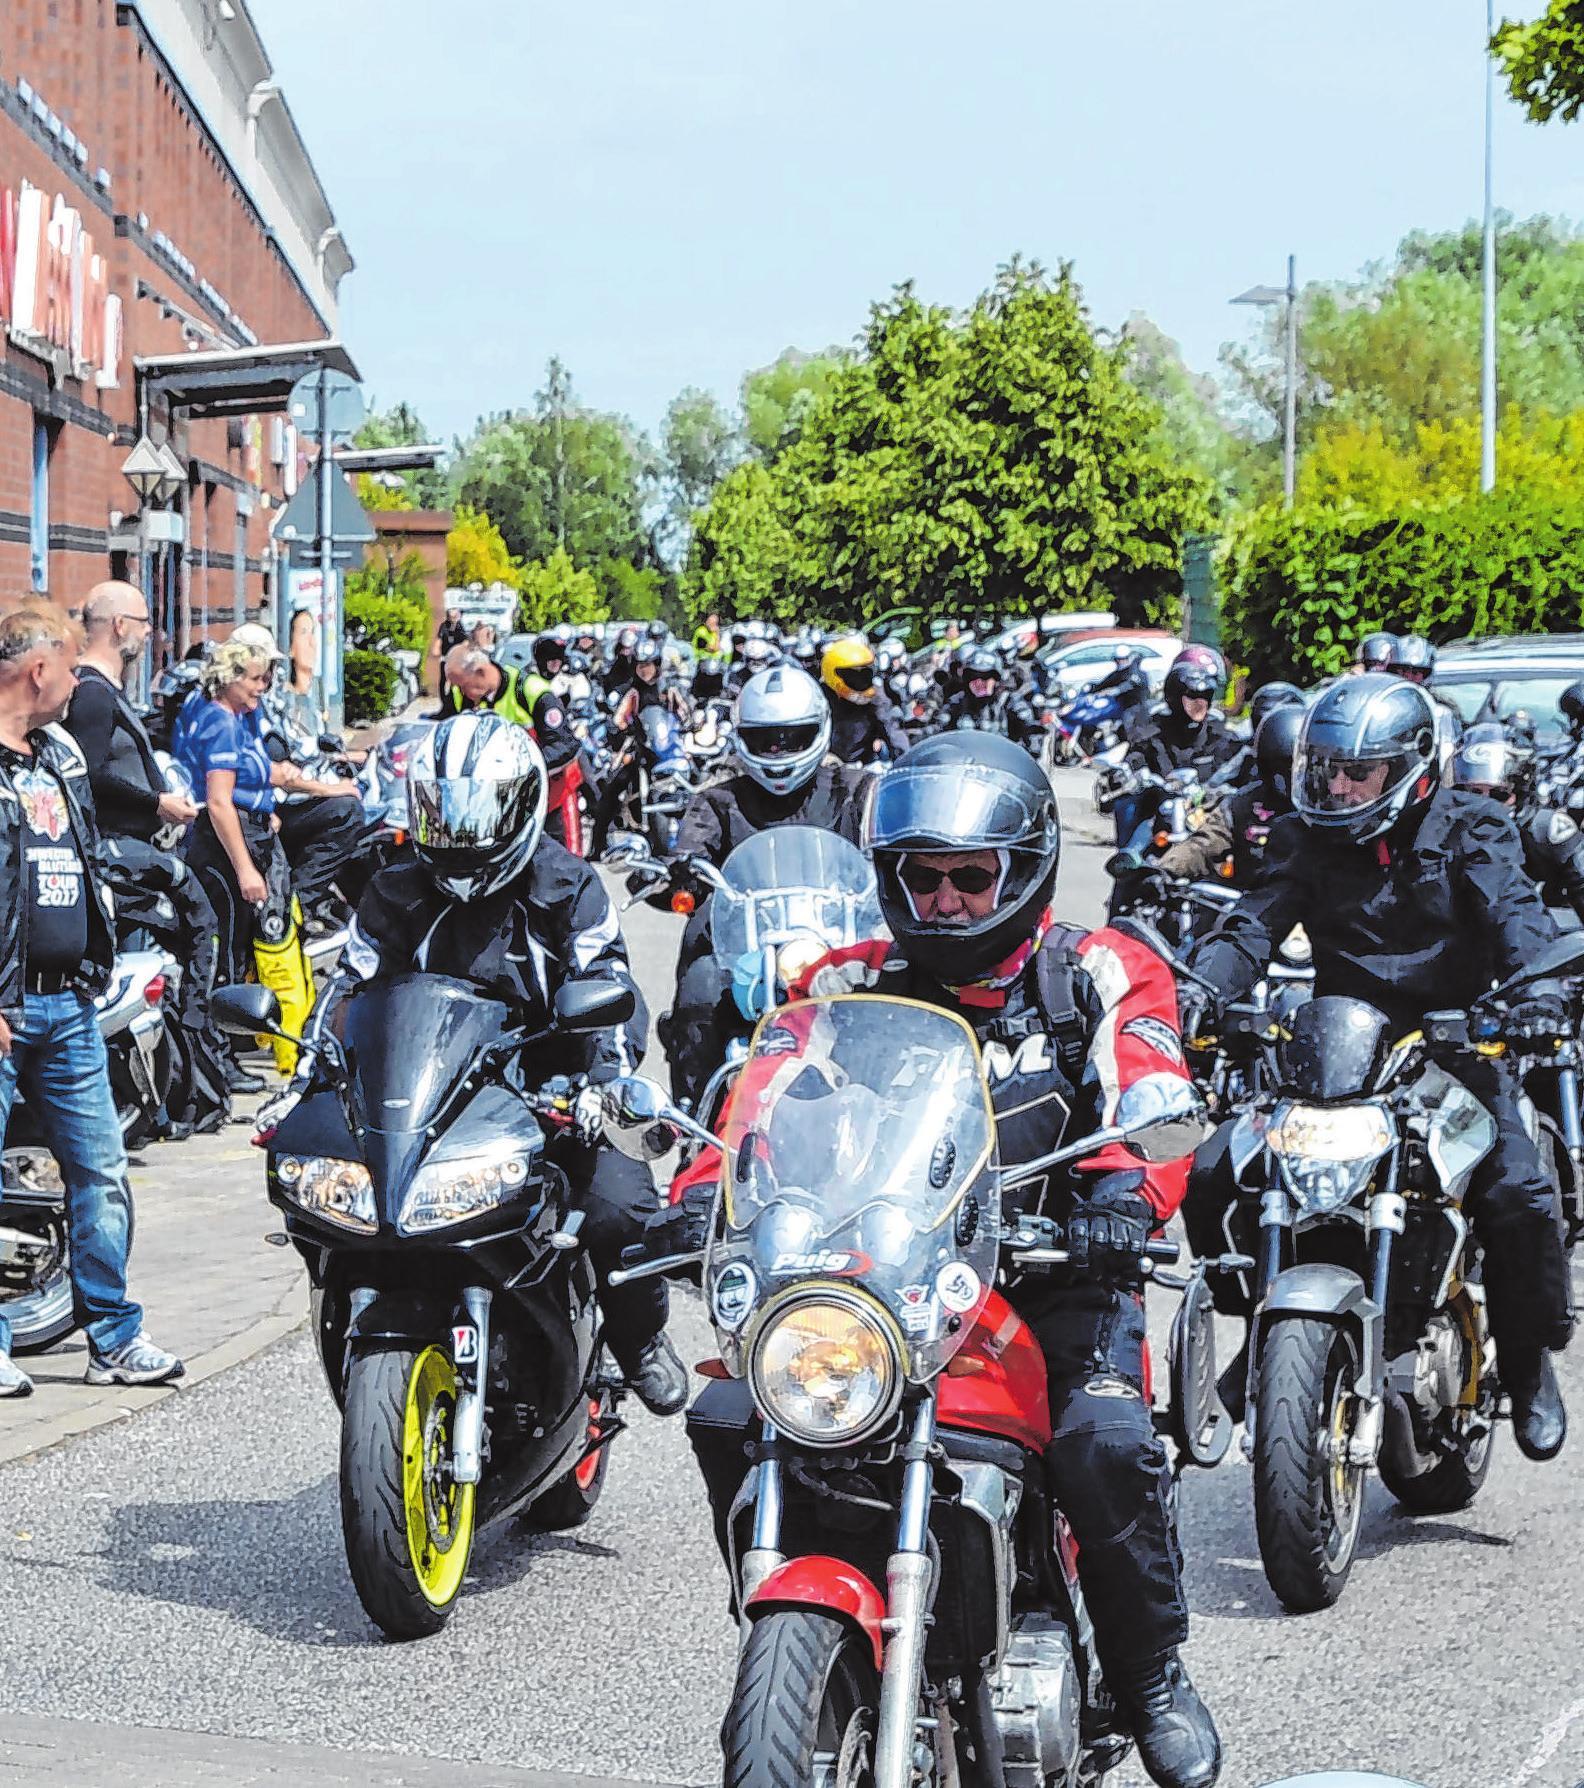 Wenn die Motoren dröhnen: Dann wird zur Ausfahrt Stellung bezogen. In diesem Jahr geht die Tour über die Oder-Welse-Dörfer und Angermünde wieder zurück in die Oderstadt, wo die Fahrer sicher wieder sehnlichst erwartet werden.